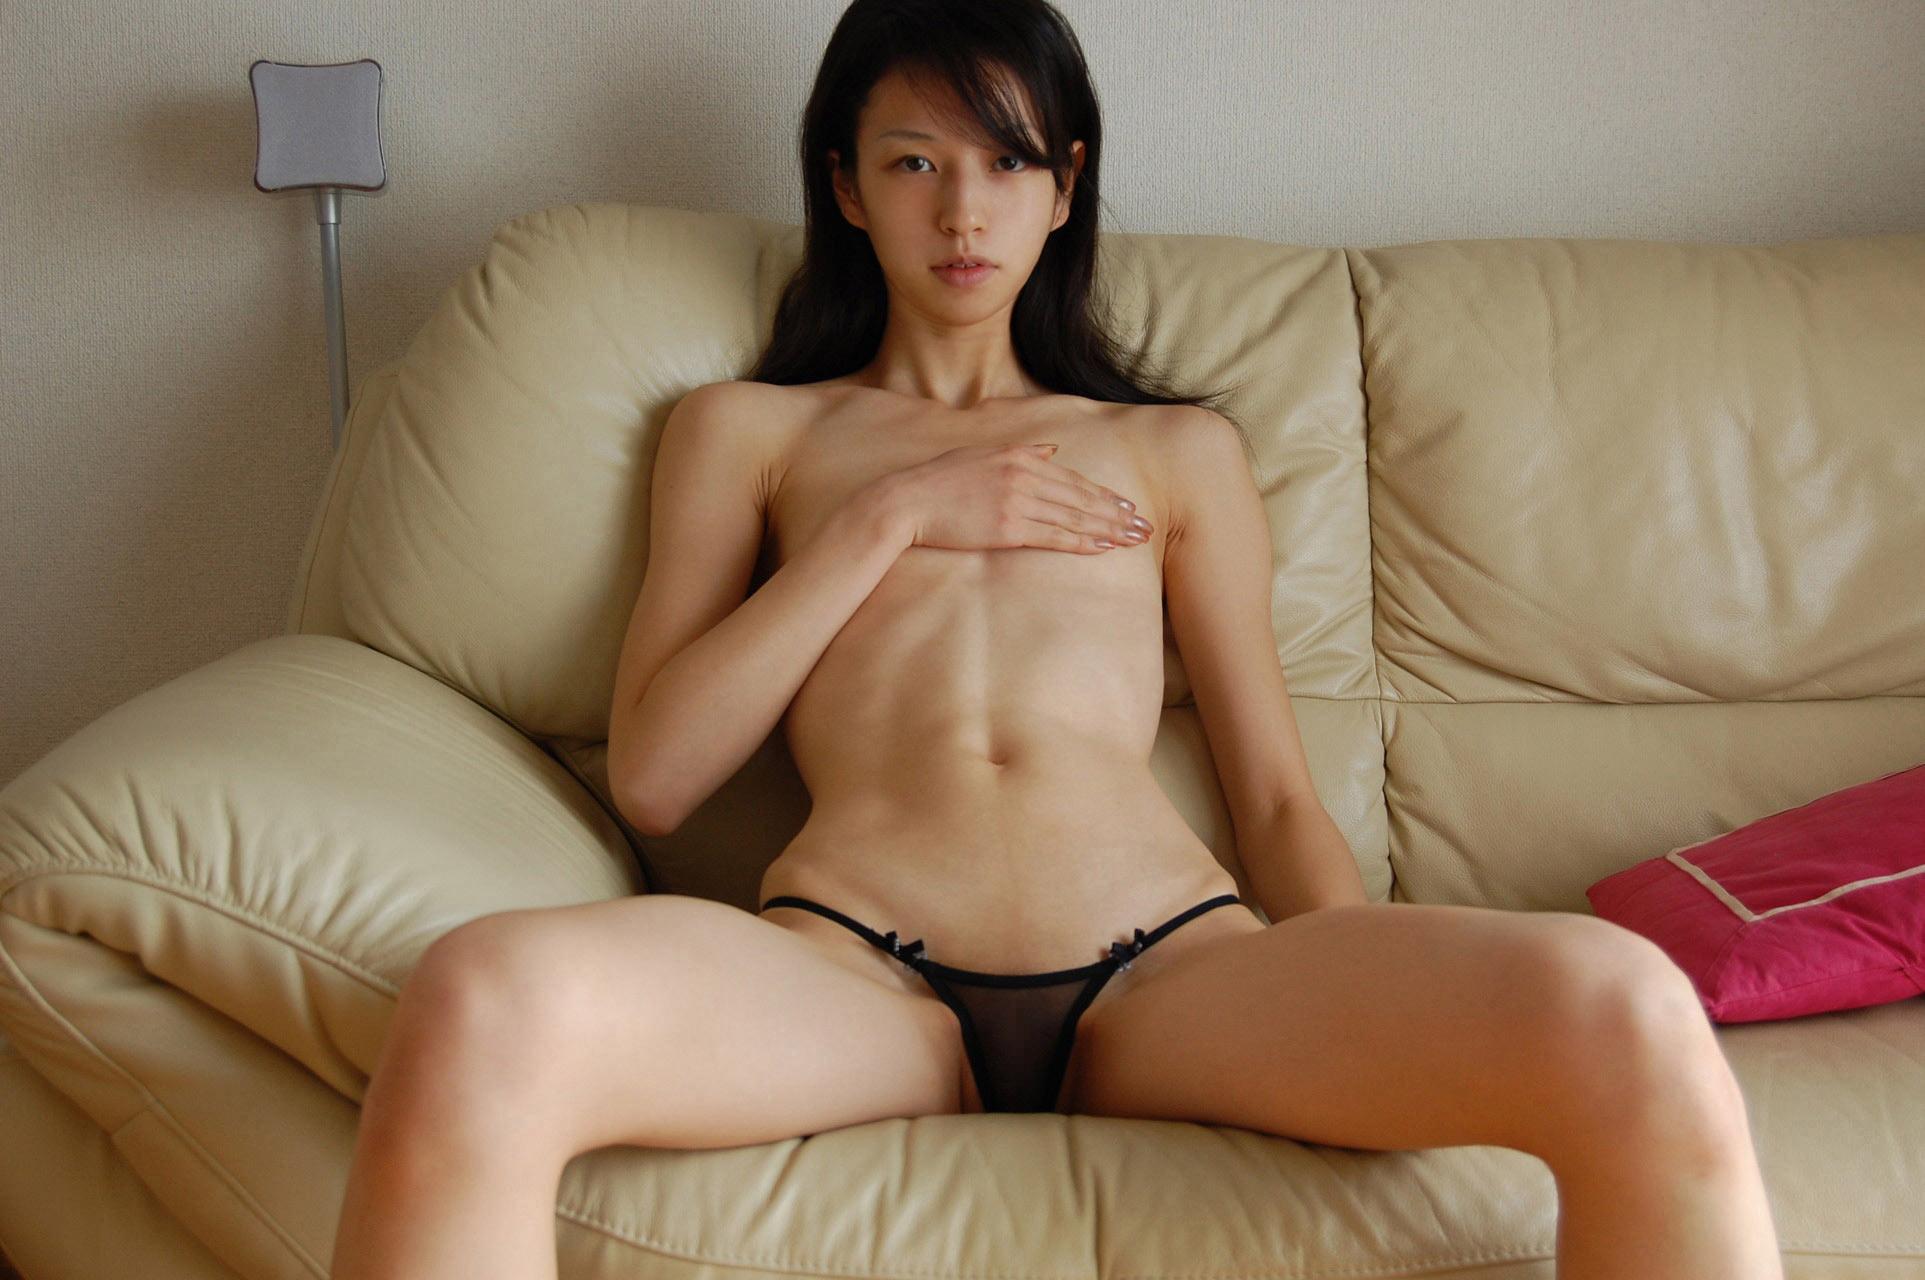 asiangirlfriend wp content uploads 2011 08 bikini 14